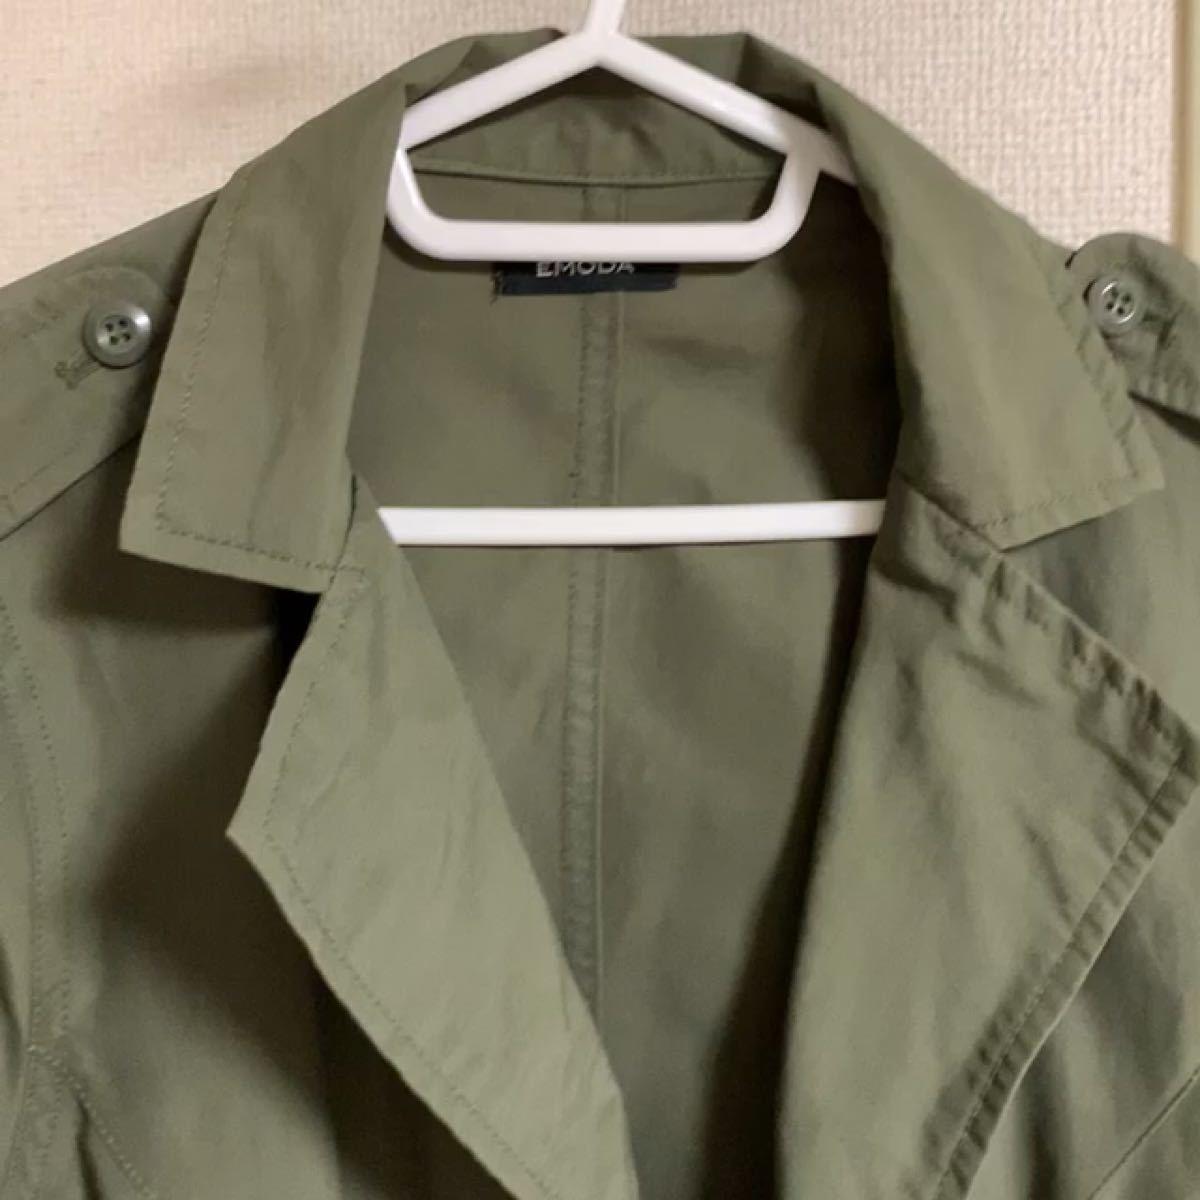 美品☆EMODAモッズコート ミリタリージャケット【カーキ色】Sサイズ